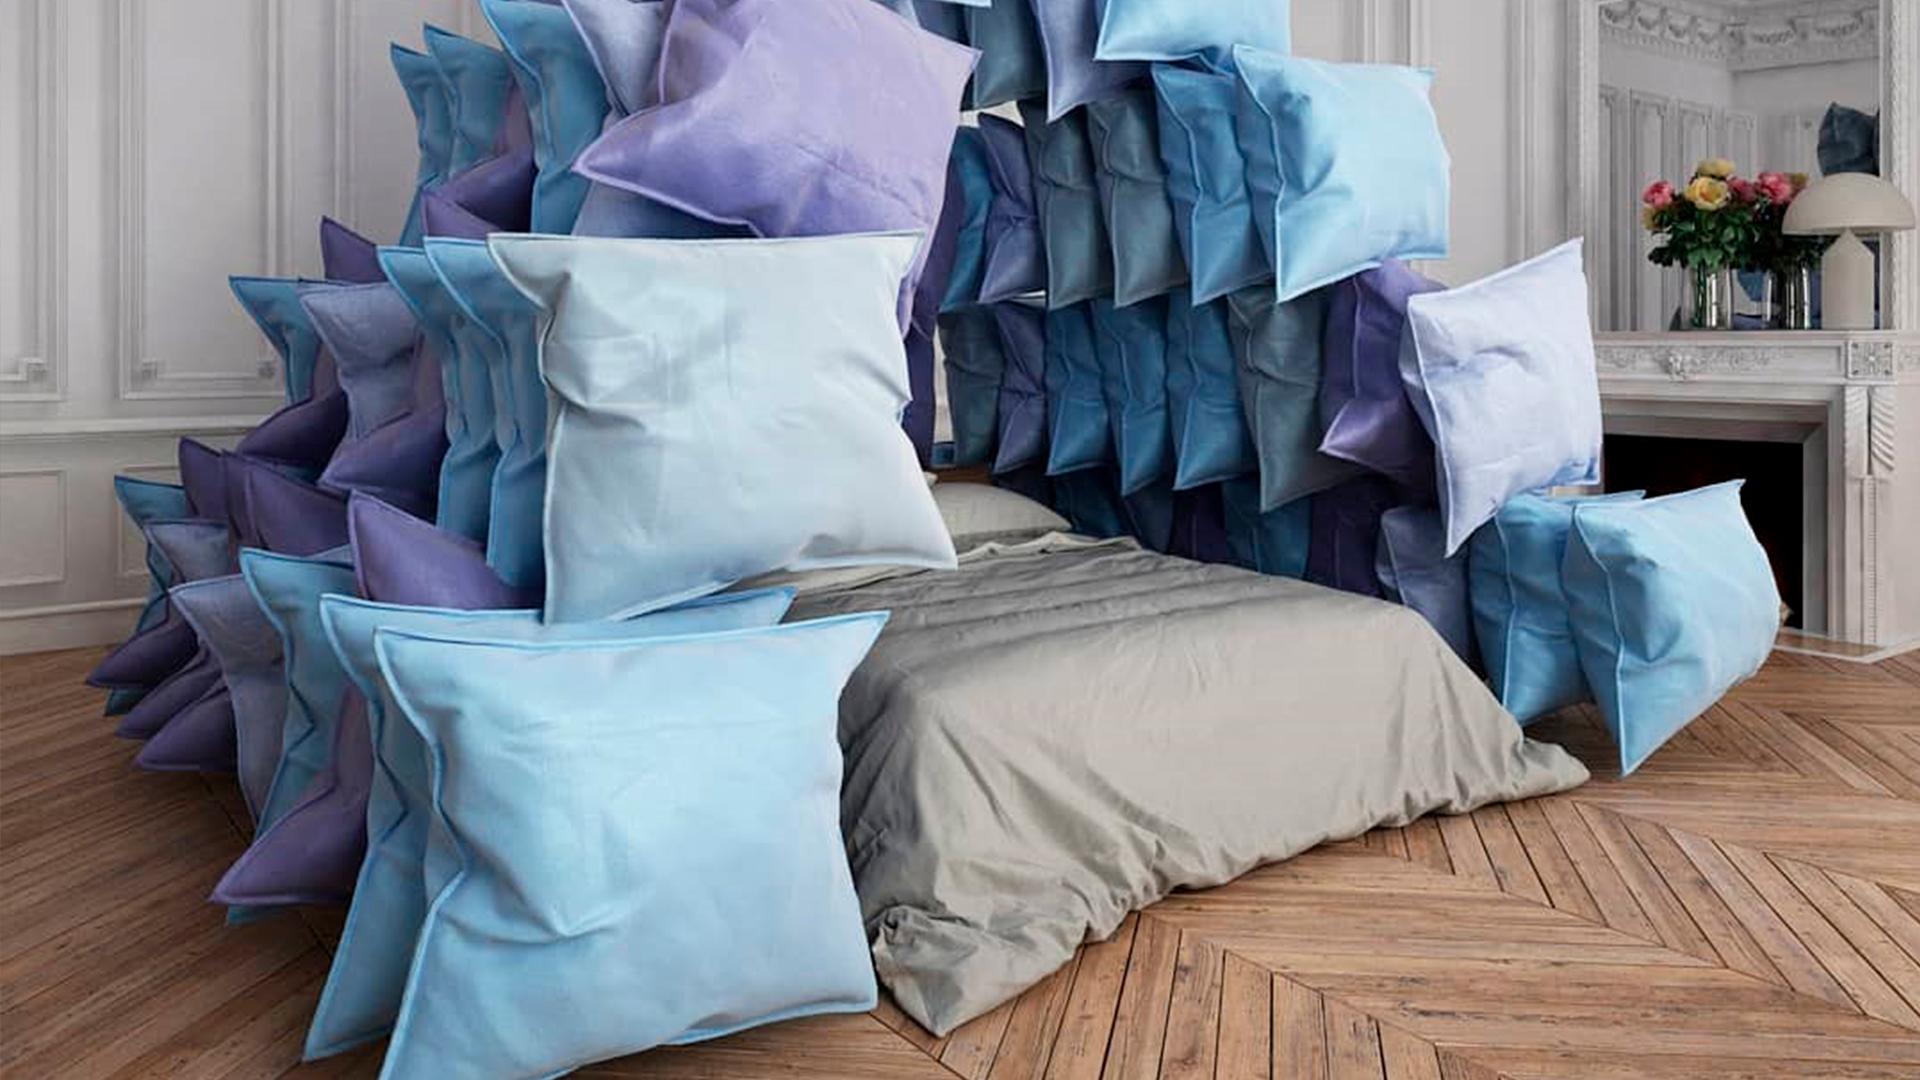 Pirámide de almohadas. Covid 19